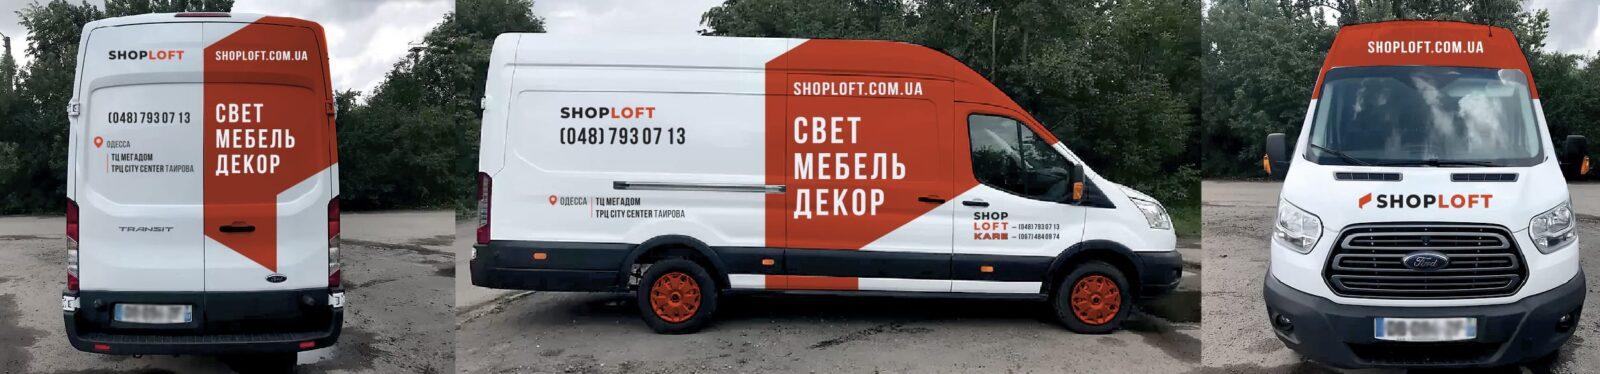 брендирование авто в Одессе